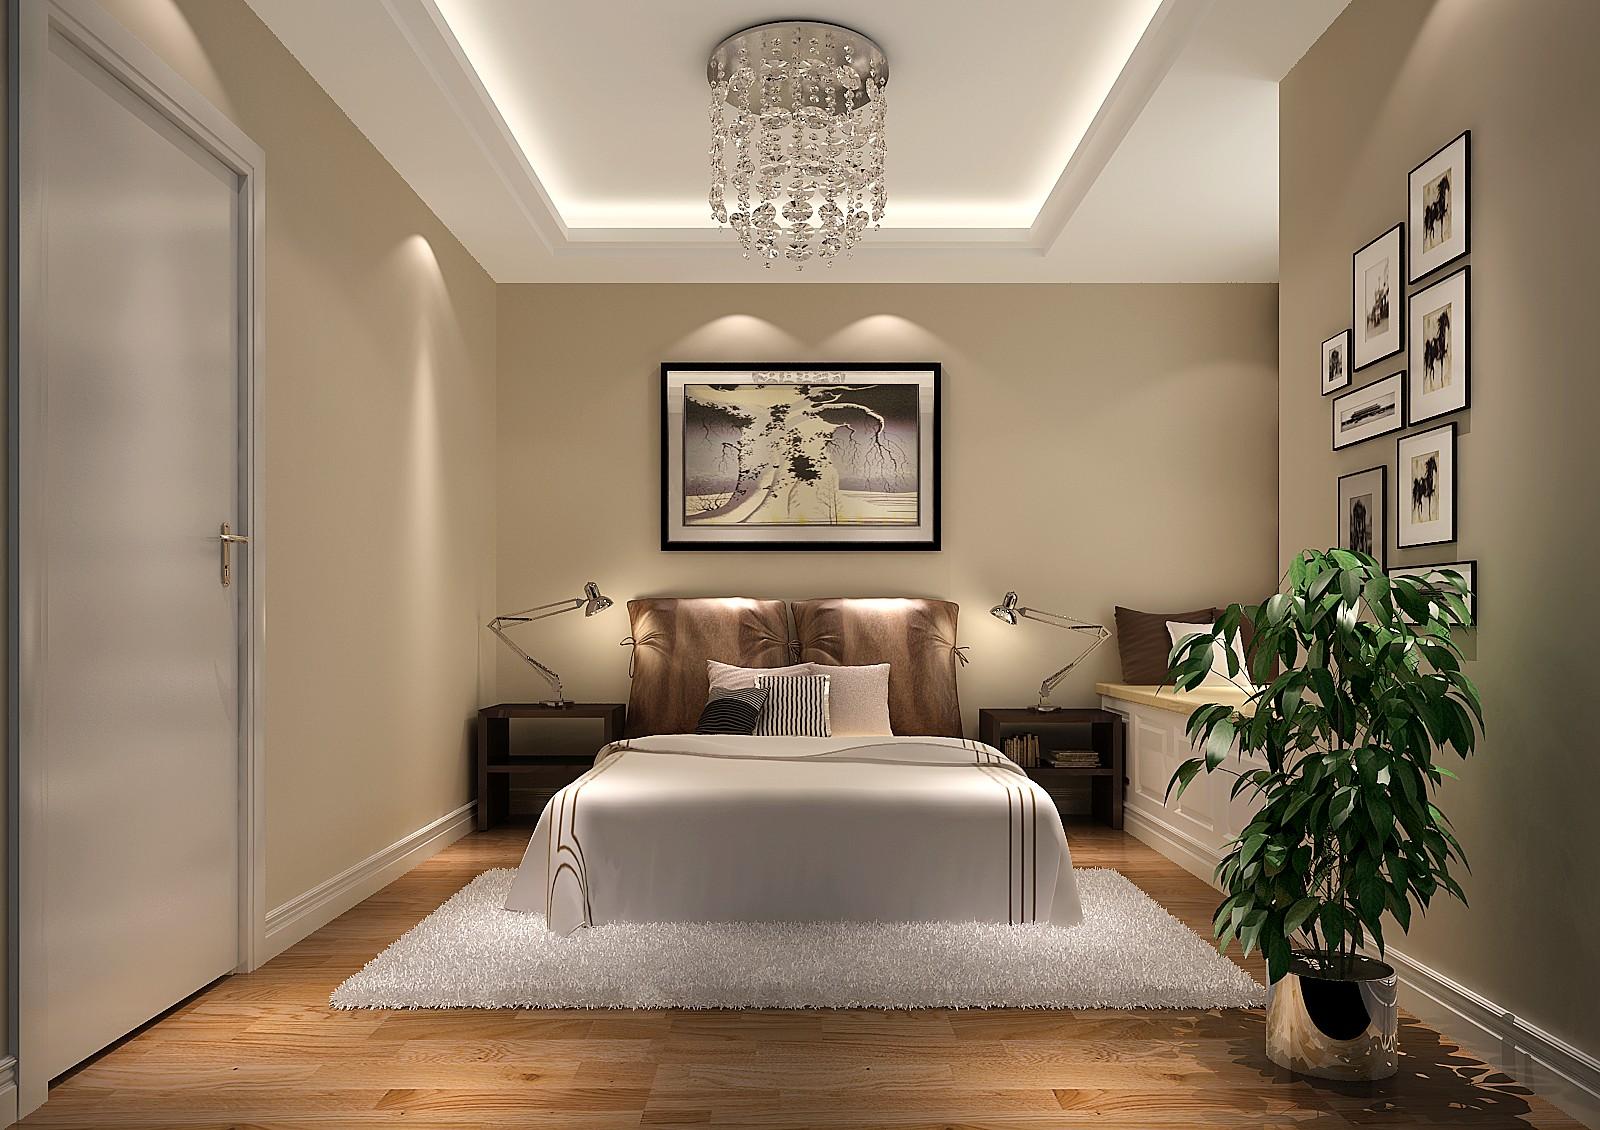 简约 温馨 舒适 白领 安逸 卧室图片来自高度国际装饰刘玉在华业东方玫瑰----舒适的家的分享